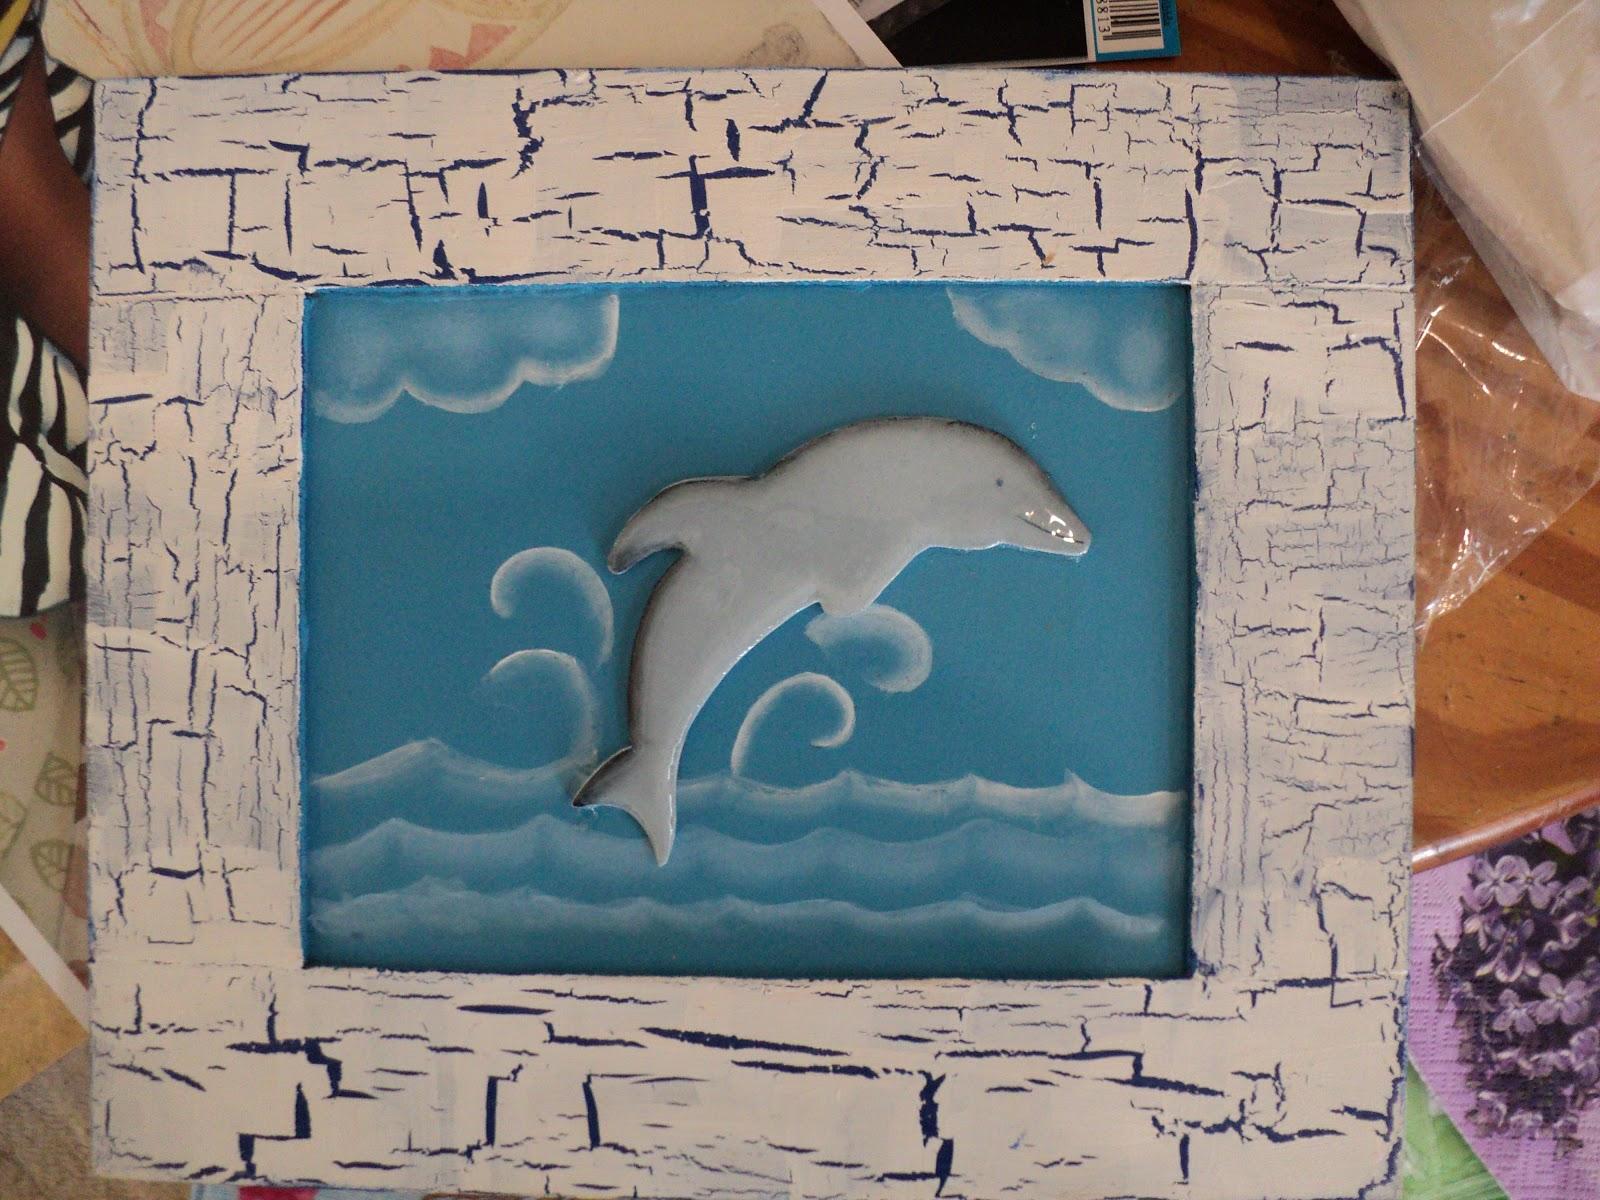 Taller de pintura decorativa cuadro con delfin 3d for Pintura decorativa efeito 3d